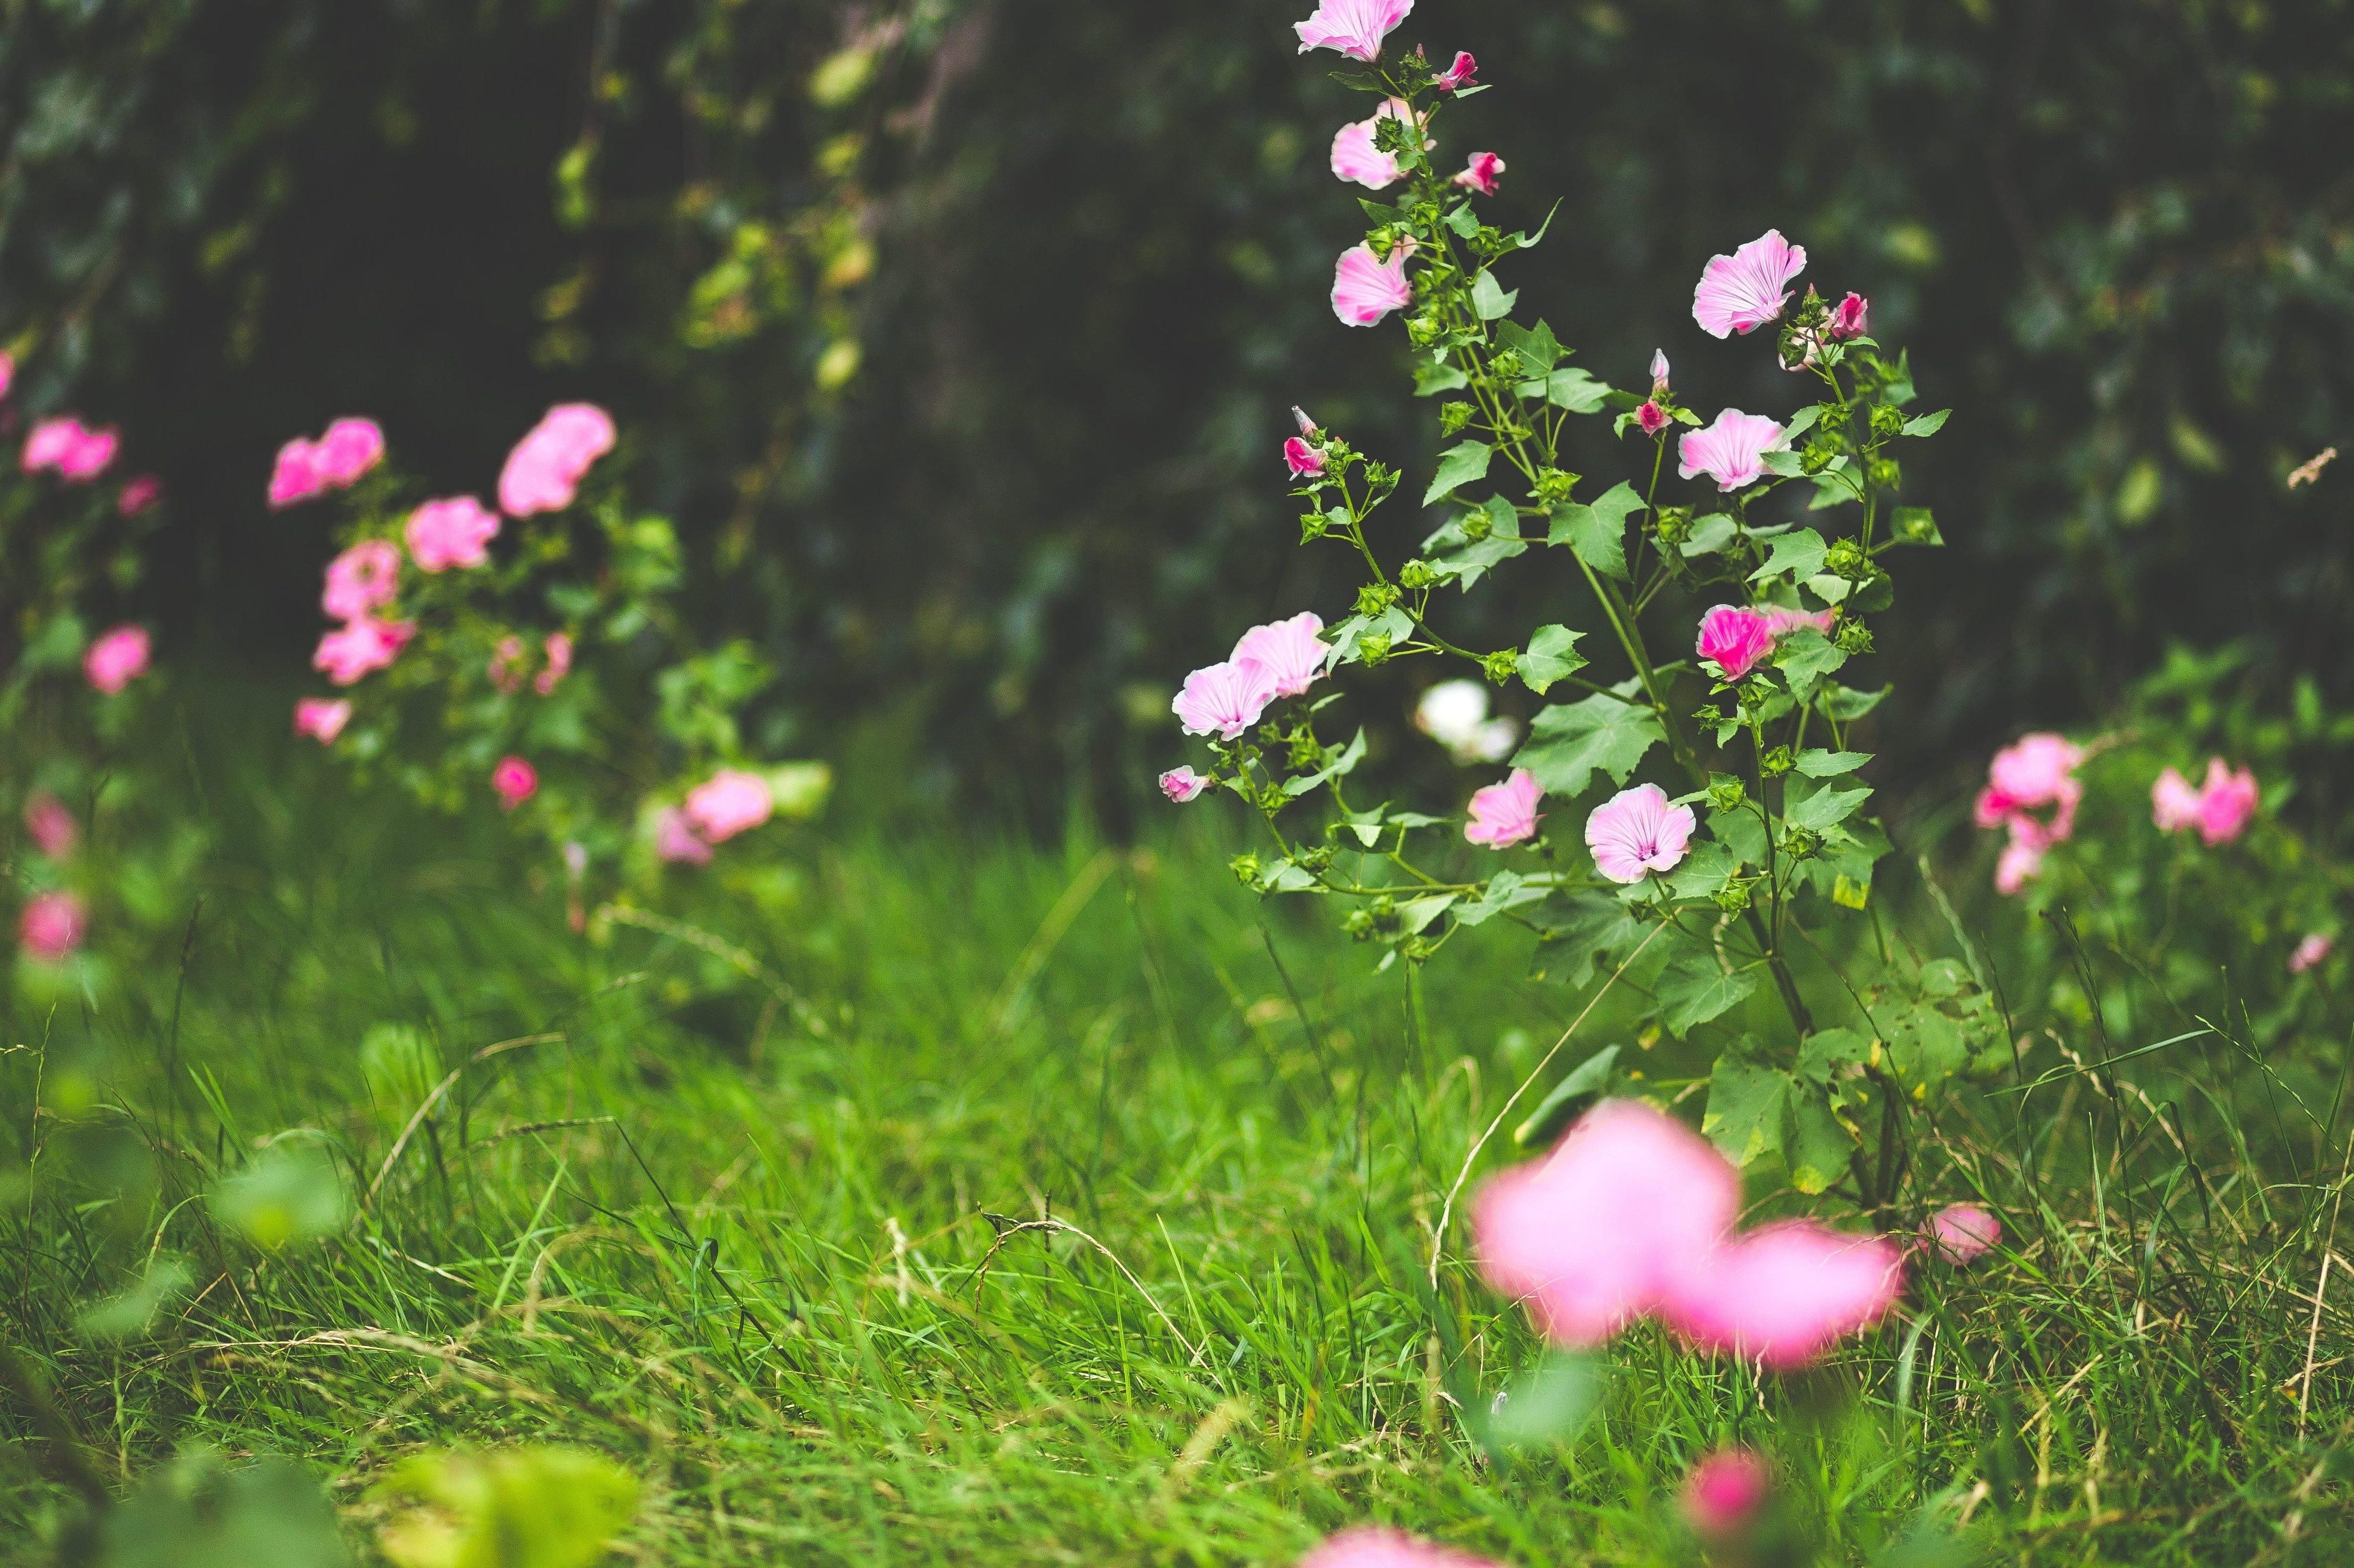 Imagen gratis p talo flor flor hierba jard n pradera for Hierba jardin